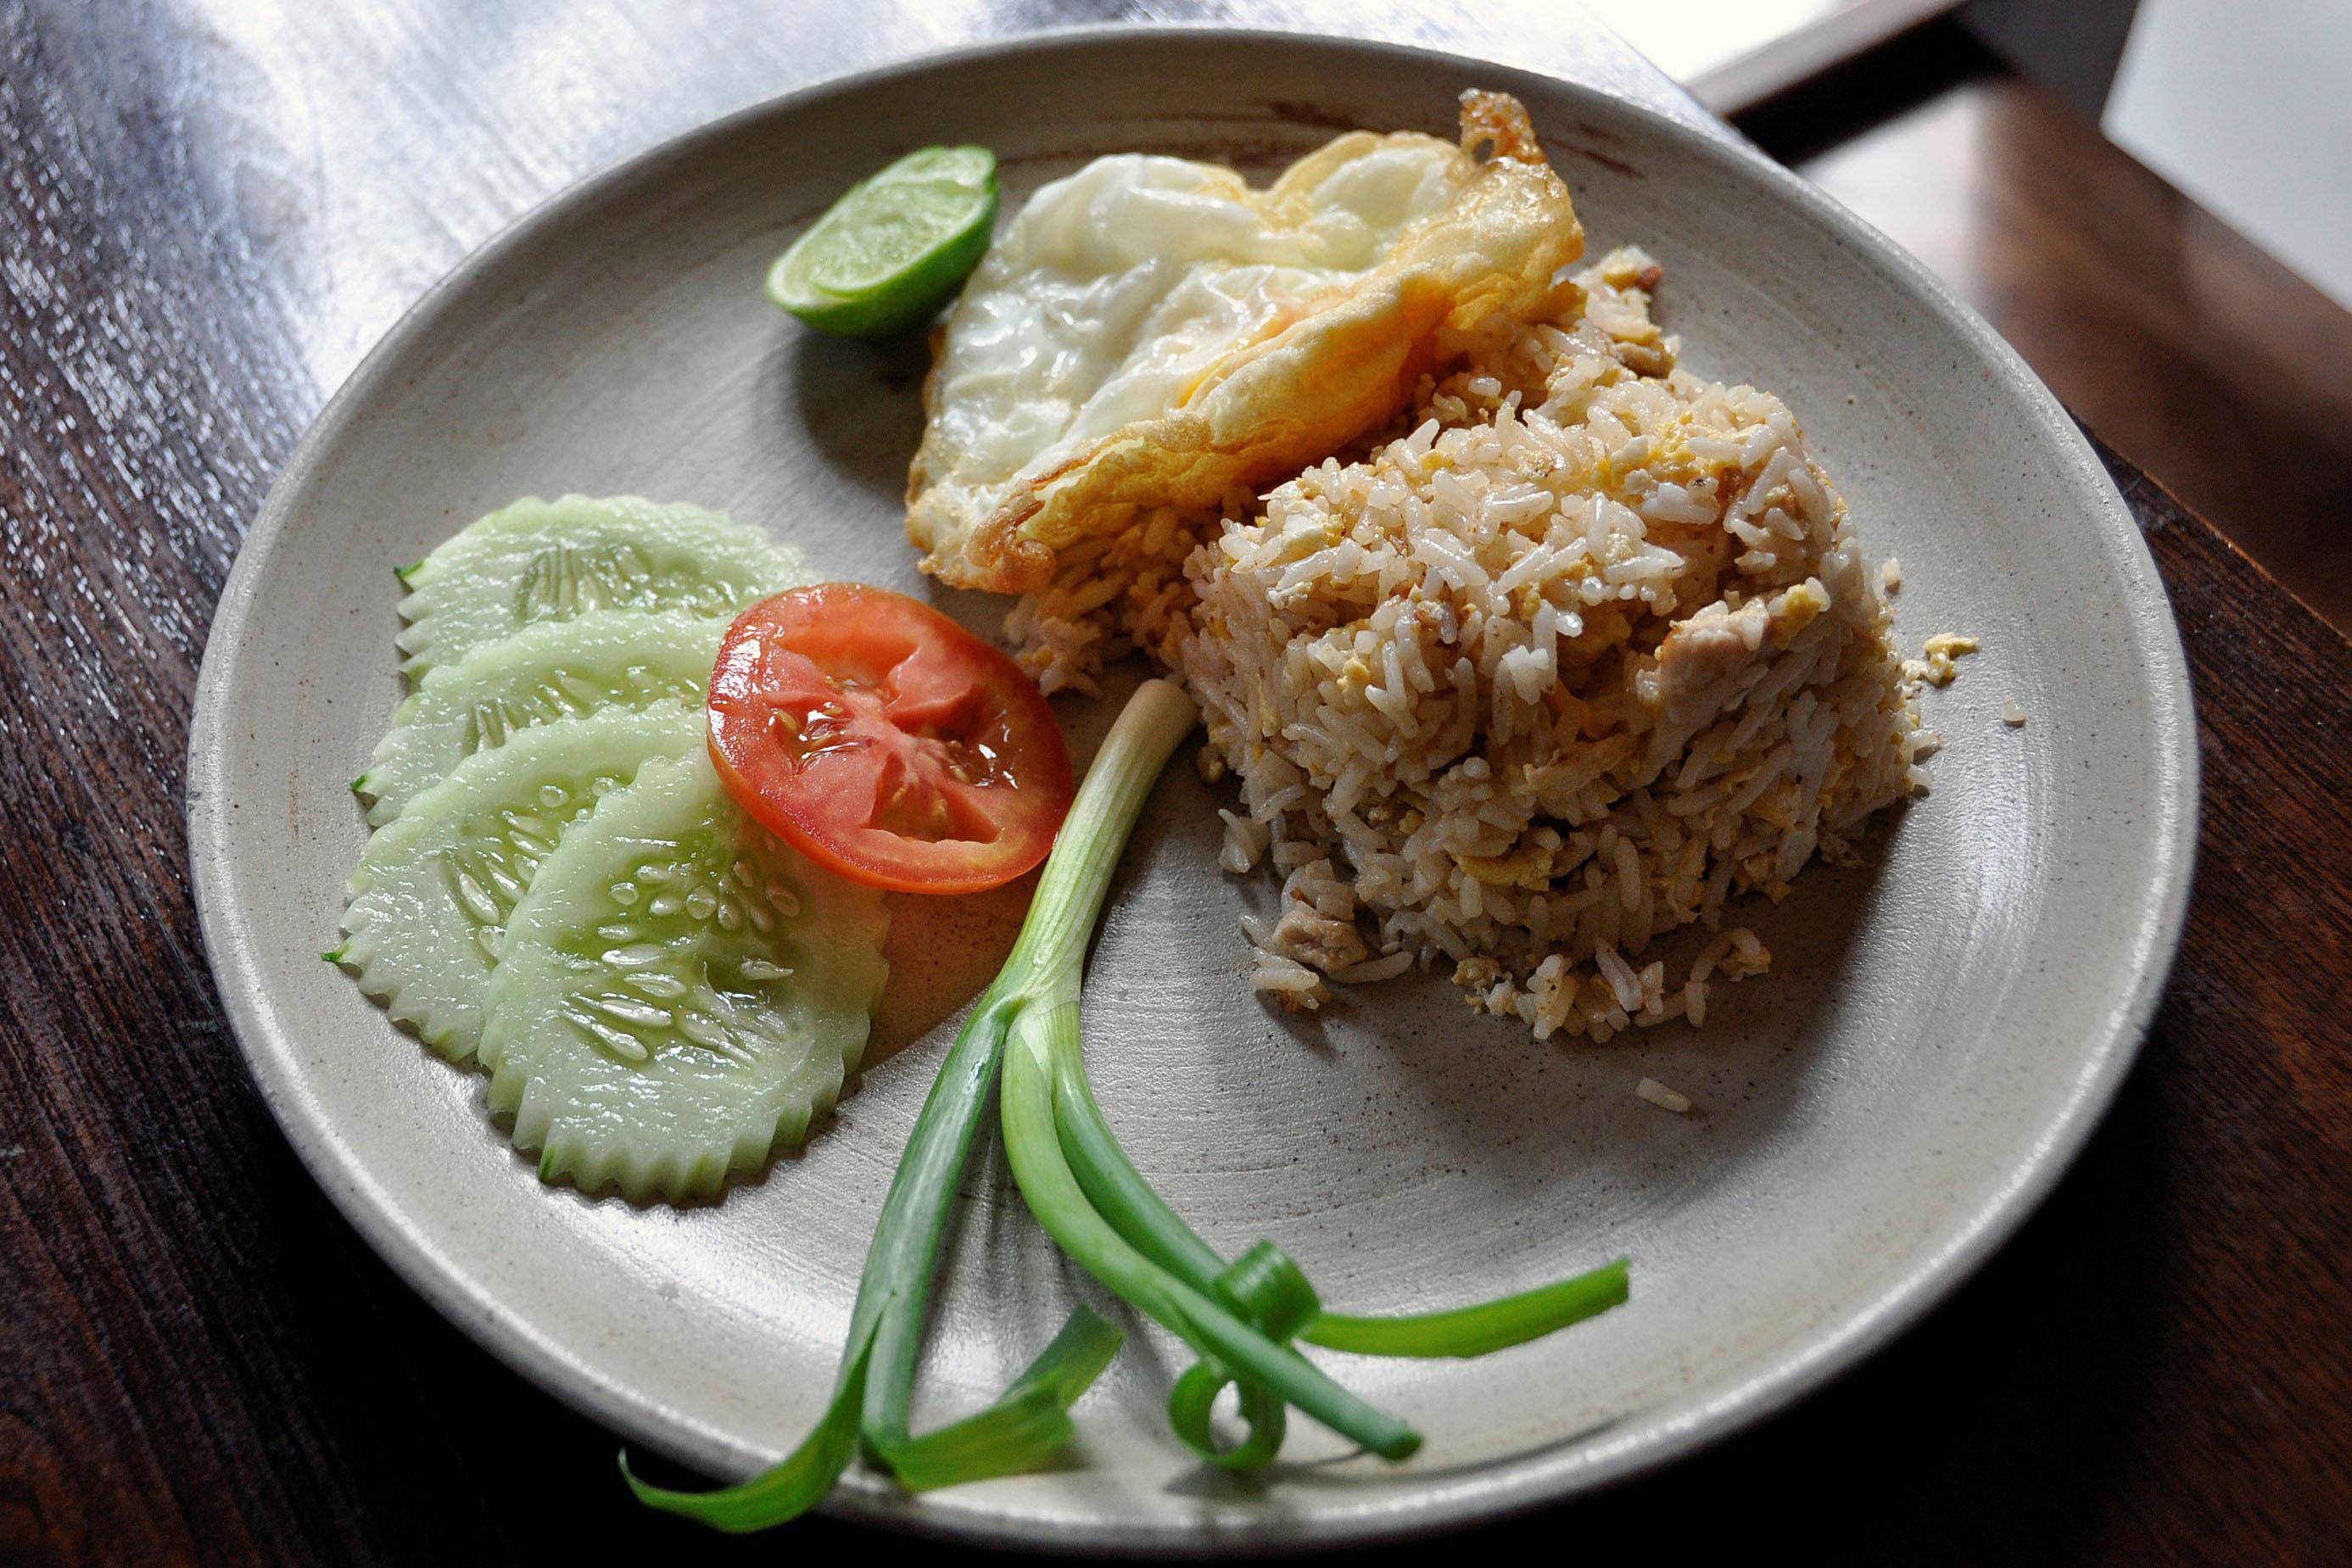 danie numer 1: ryż smażony z kurczakiem